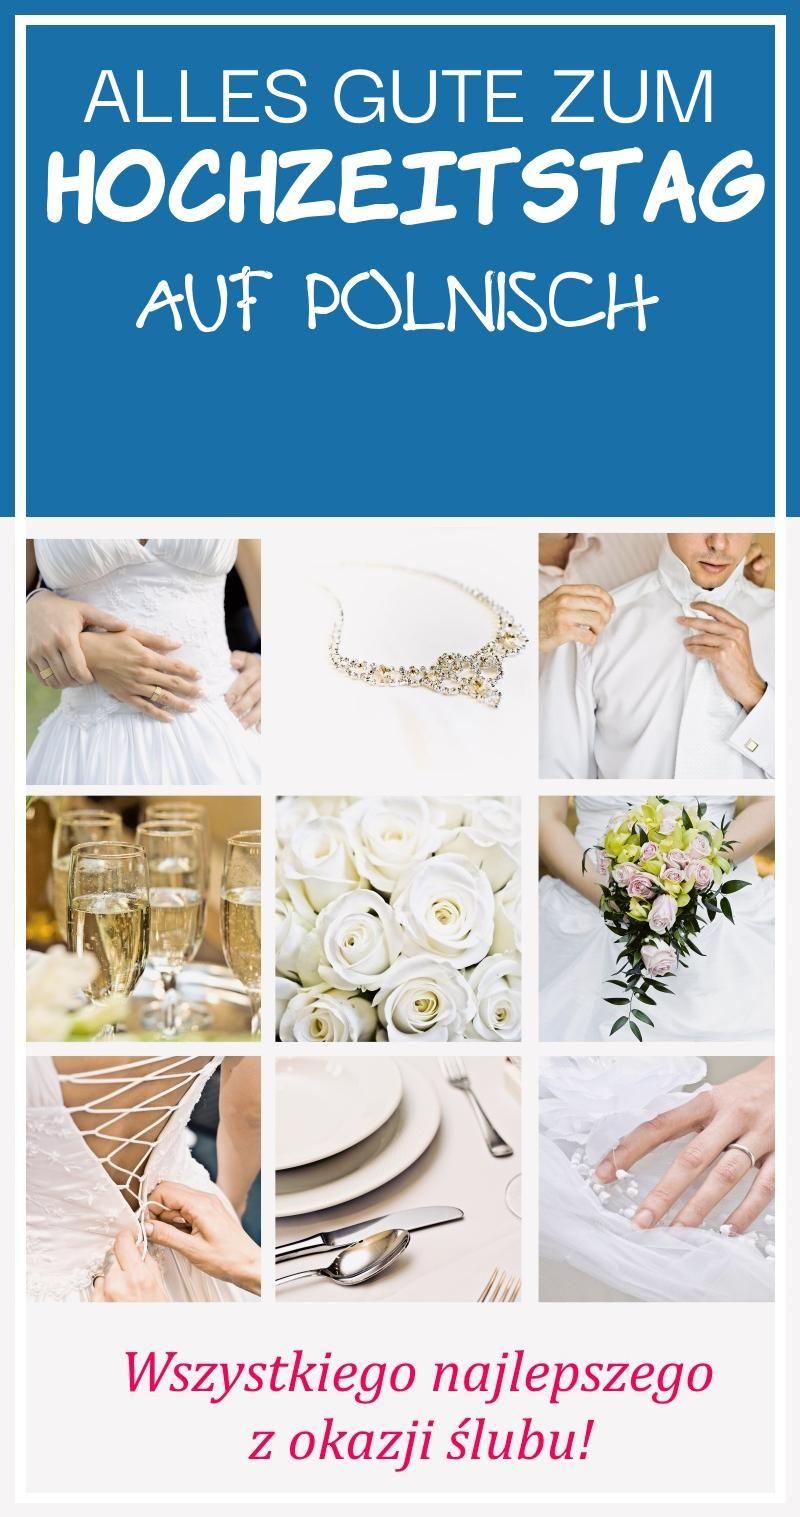 Primairet 14 Alles Gute Zum Hochzeitstag Auf Polnisch Wedding Top Wedding Table Decorations